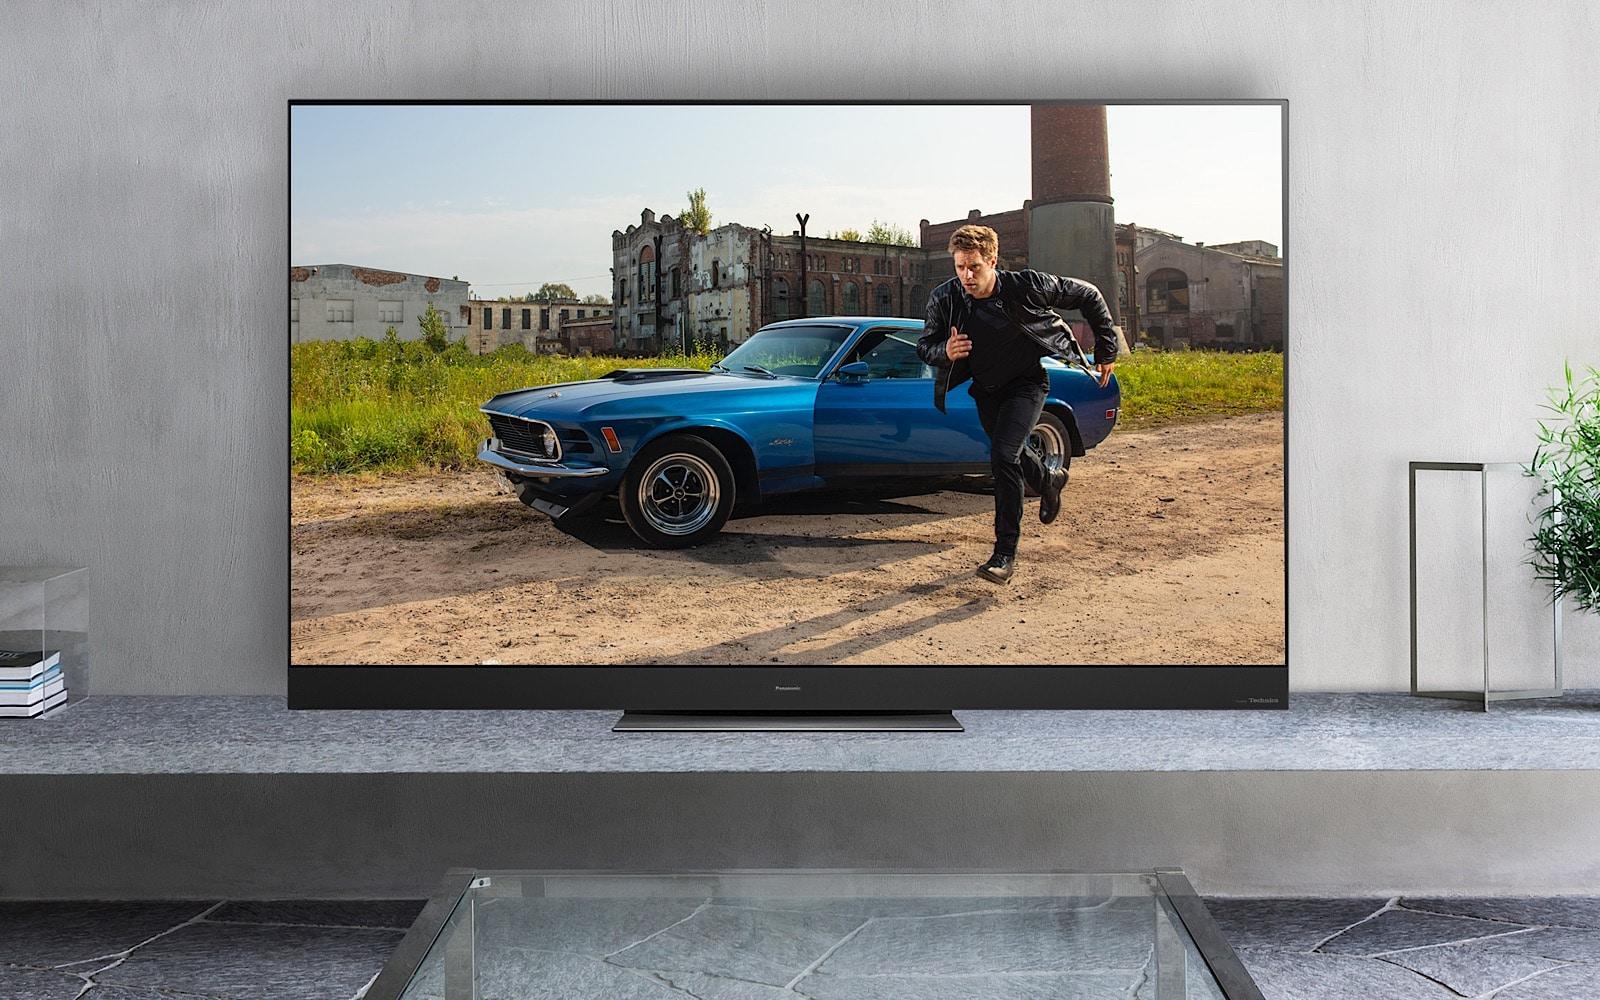 Panasonic's 2019 OLED TV flagship focuses on cinema quality – Pickr